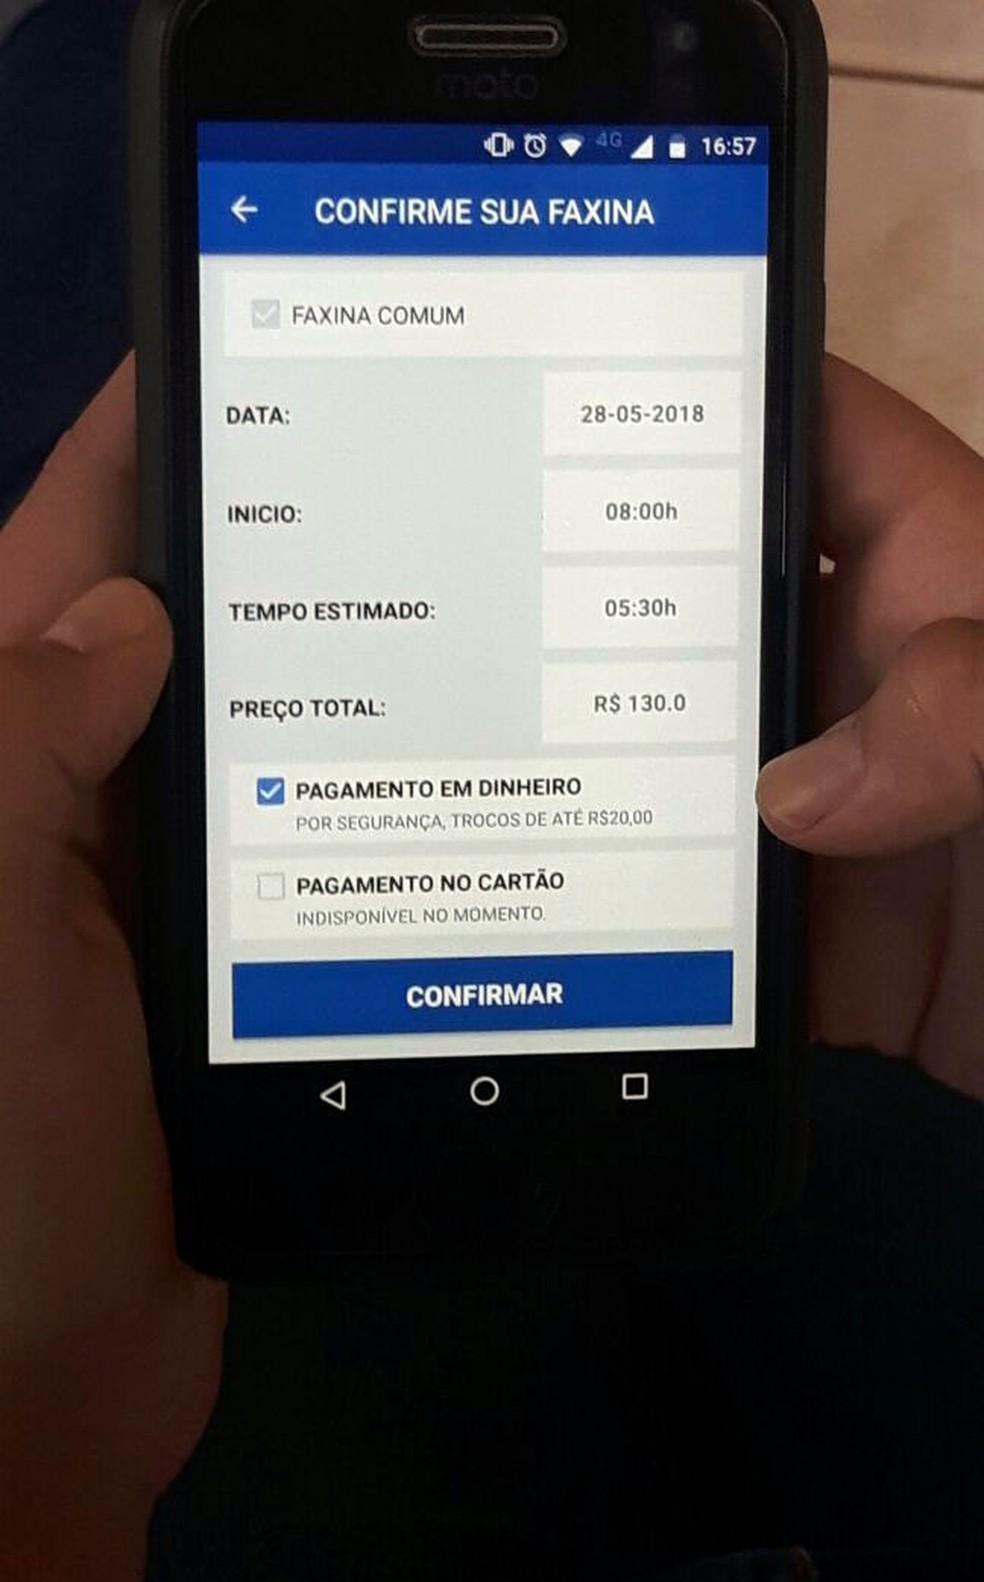 Para o agendamento da faxina, o usuário preencha com campos com dia, horário e cômodos a serem limpados (Foto: Jade Castilho/G1)